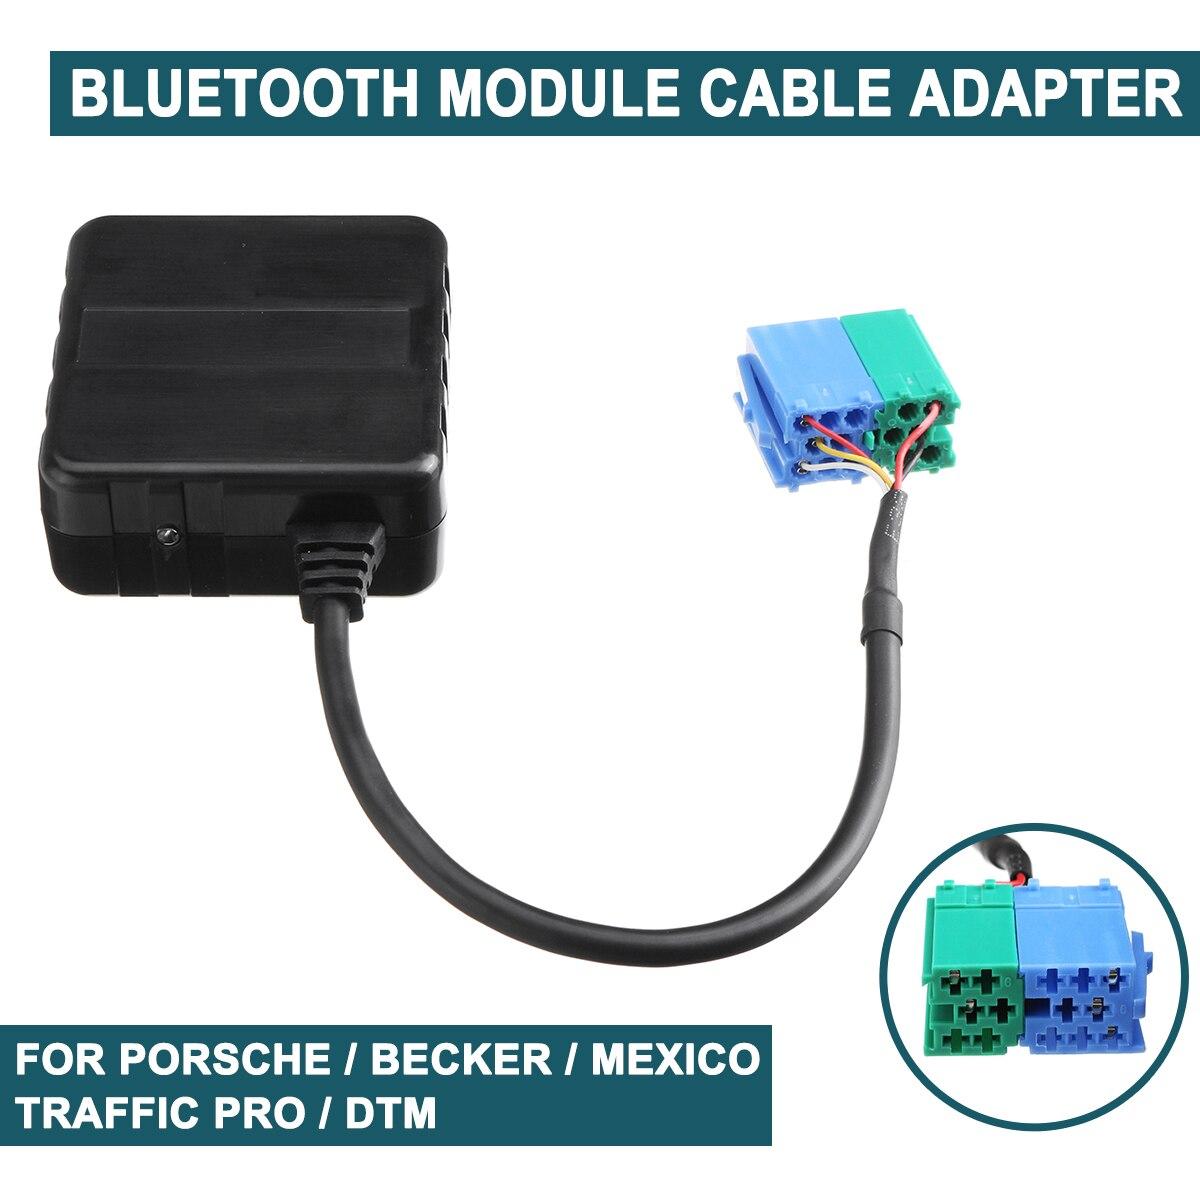 Adaptador de Cable auxiliar para el módulo de Radio estéreo bluetooth 5,0 para coche DTM Traffic Pro DTM